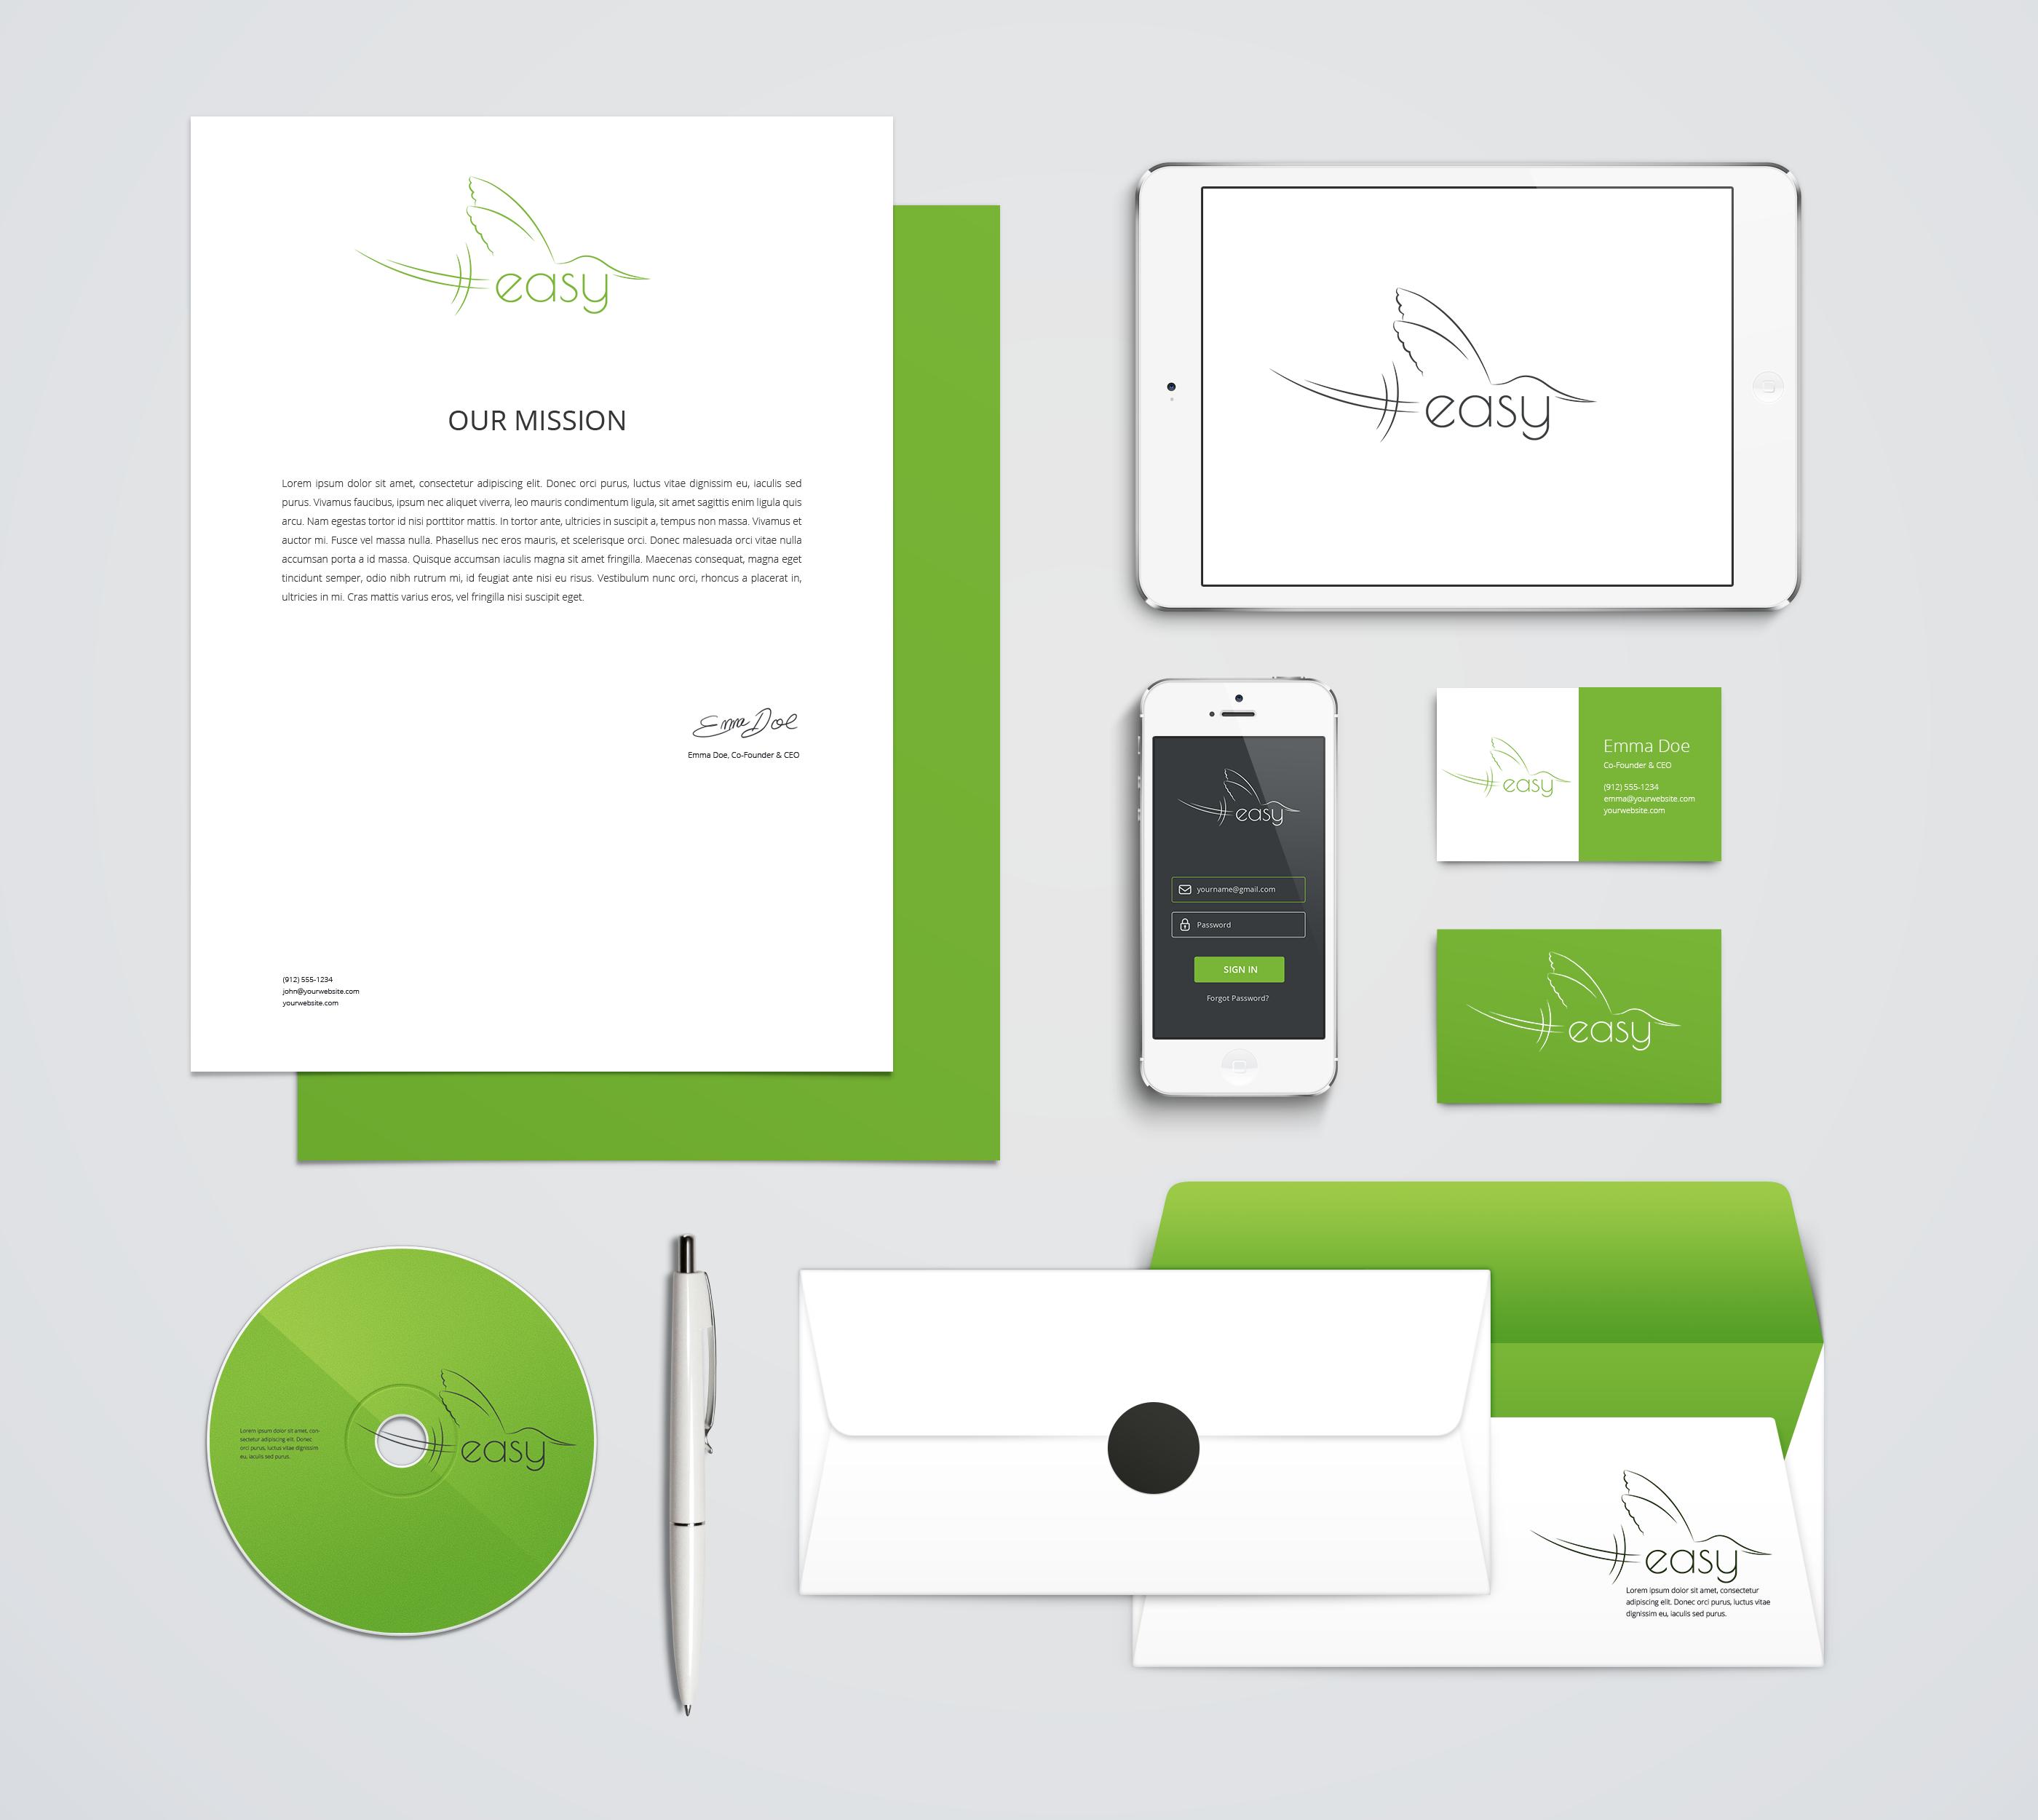 Разработка логотипа в виде хэштега #easy с зеленой колибри  фото f_3755d51404f0cc16.png